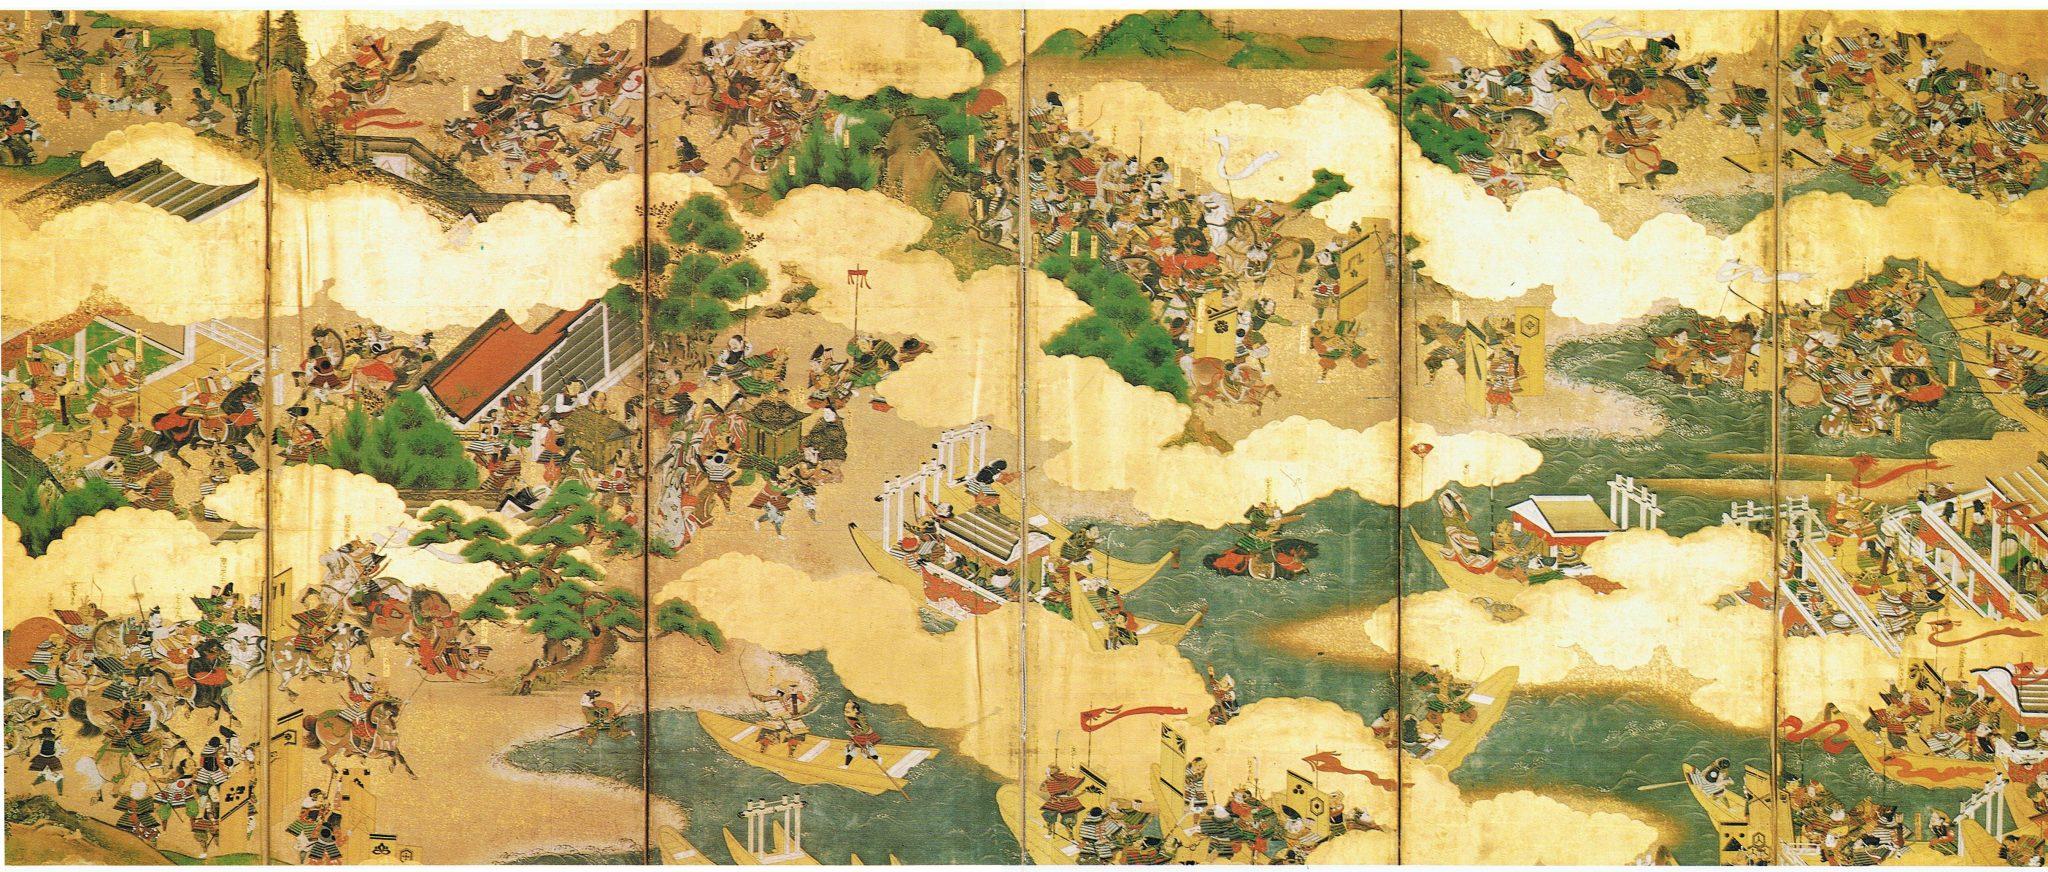 Figure Screen depicting the Genpei War Artist: Unknown